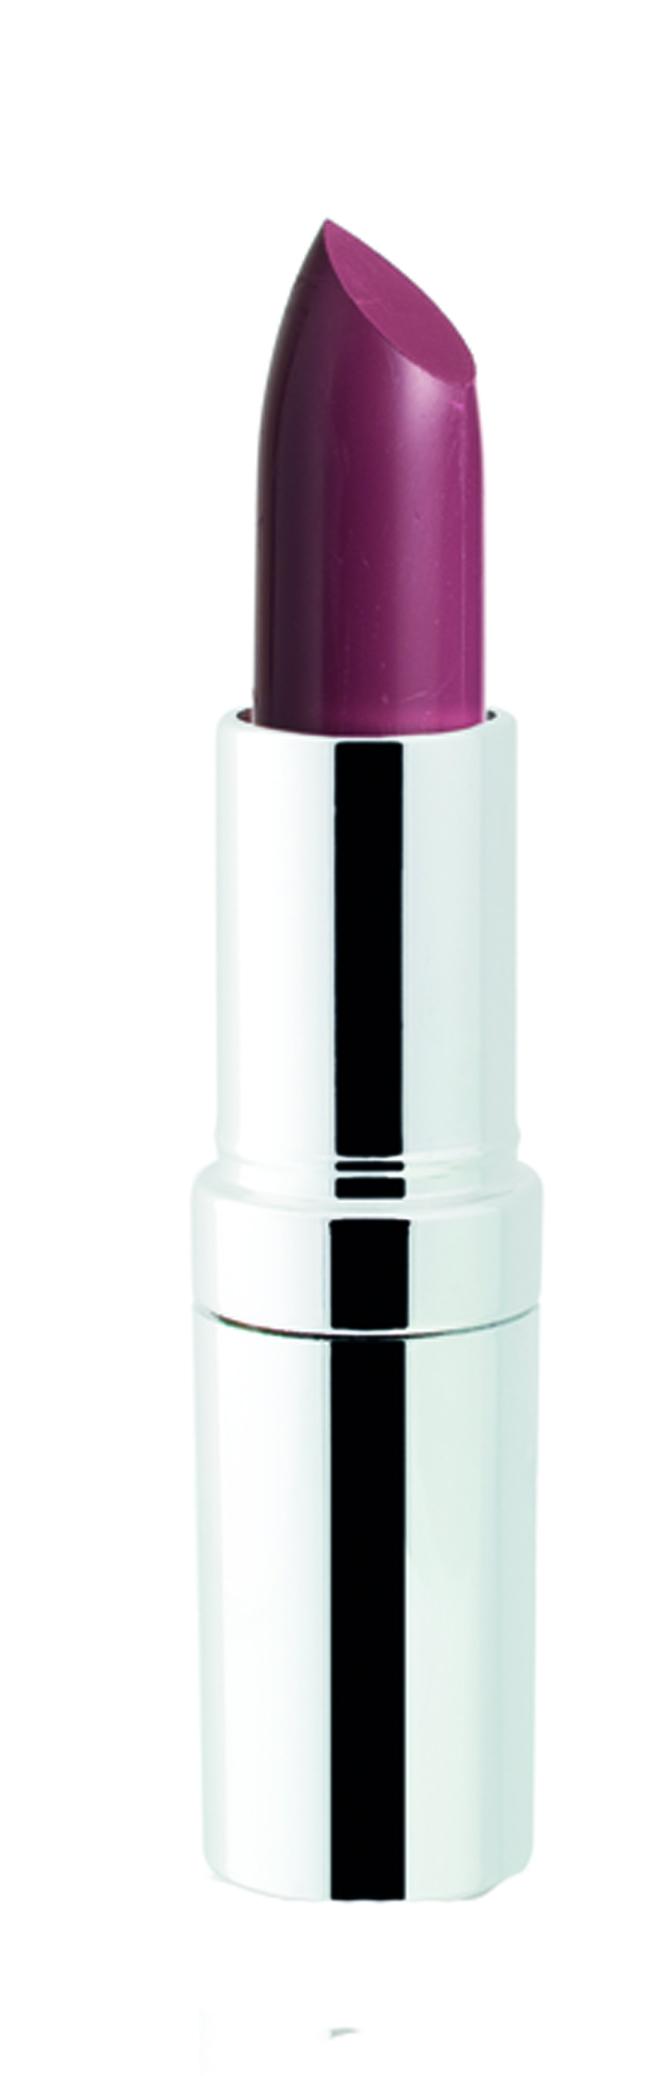 SEVENTEEN Помада губная устойчивая матовая SPF 15, 12 кофейное зерно / Matte Lasting Lipstick 5 г